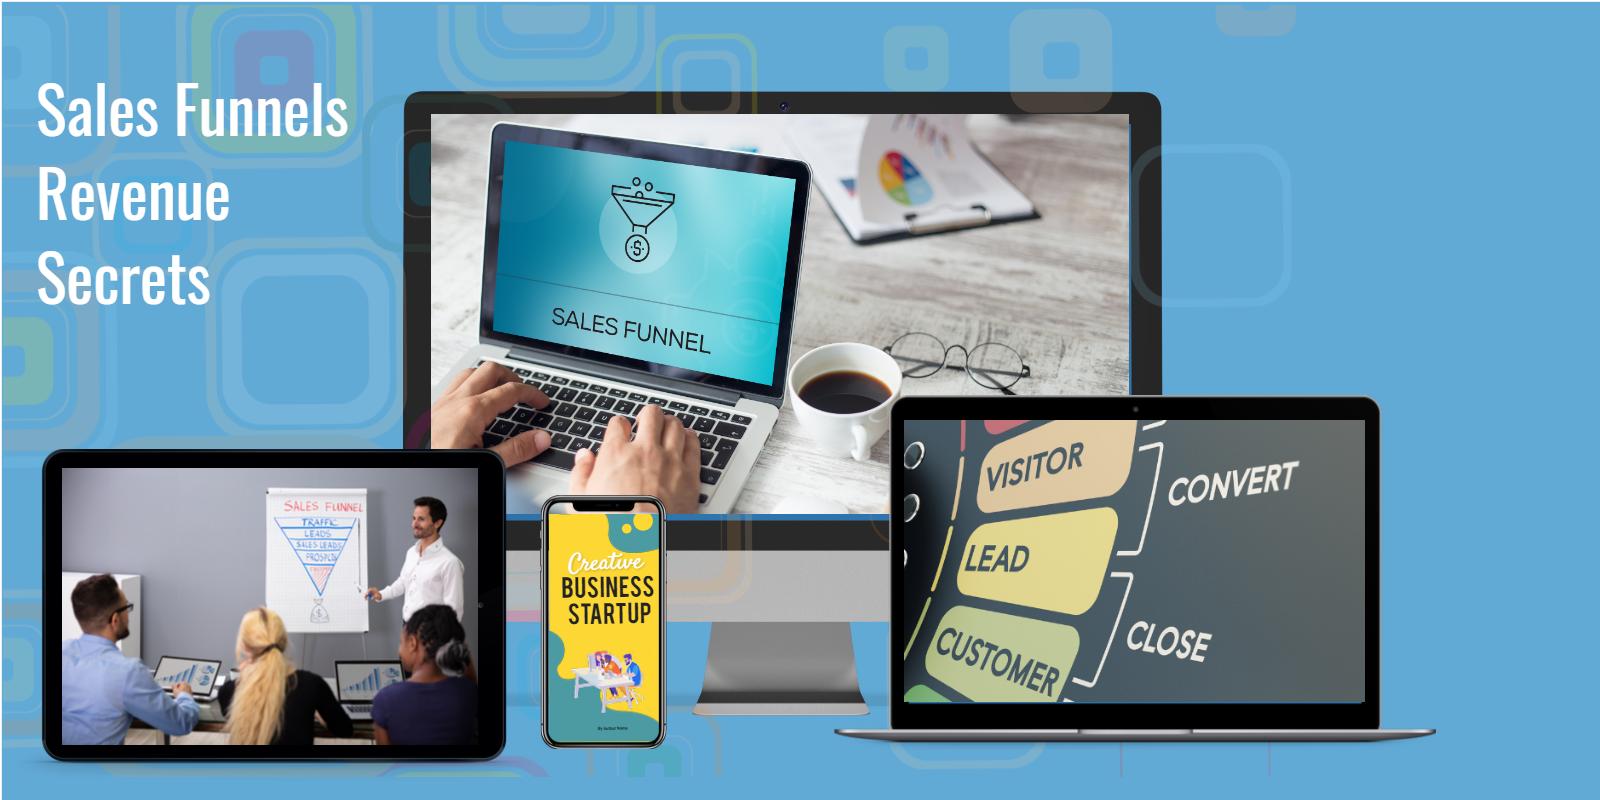 Sales Funnel Revenue Secrets